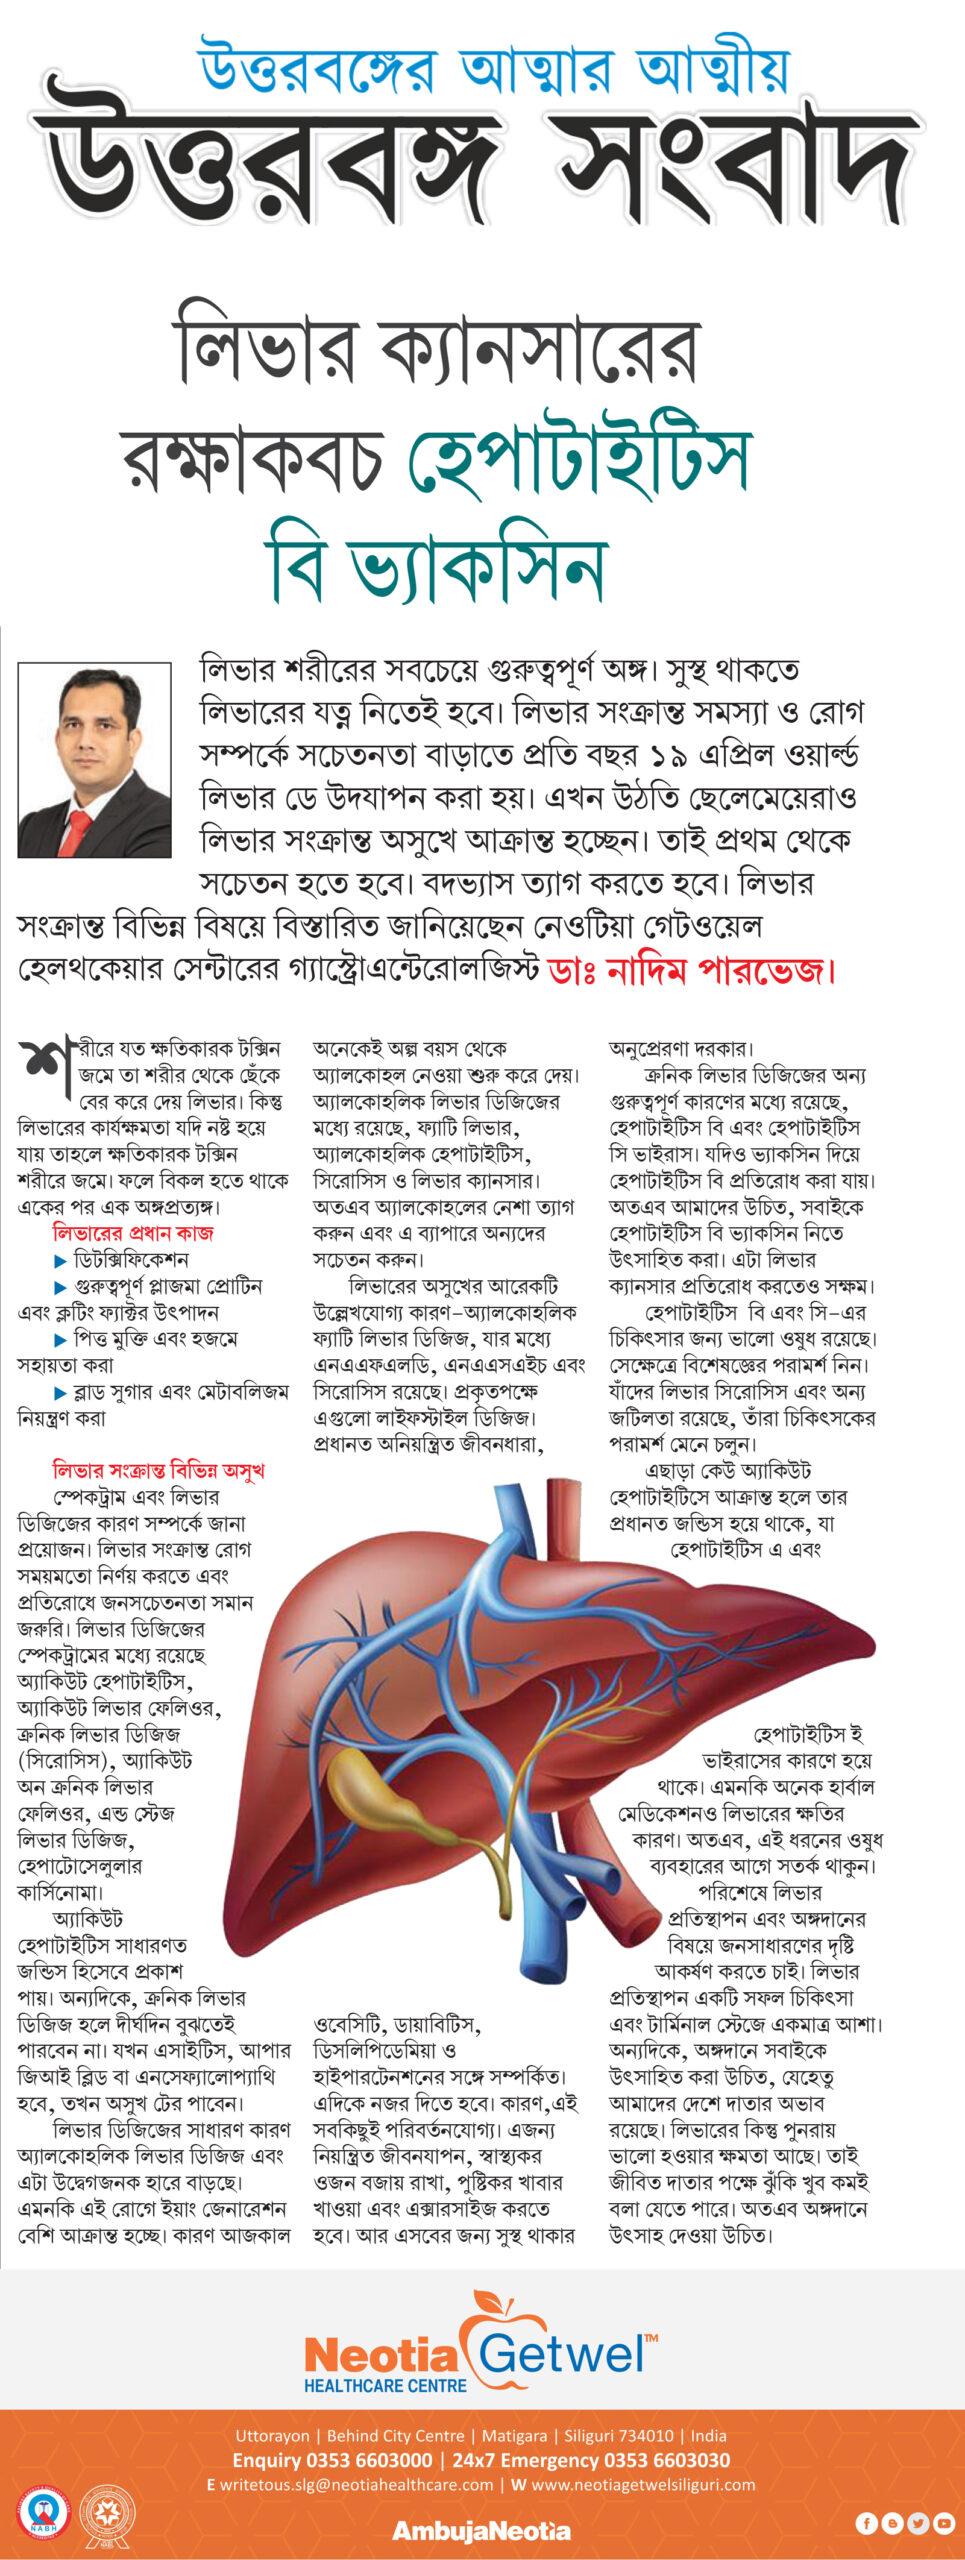 Dr. Nadeem Parvez, Sr. Consultant – Gastroenterology Speaks On Hepatitis B Vaccine & Liver Cancer prevention